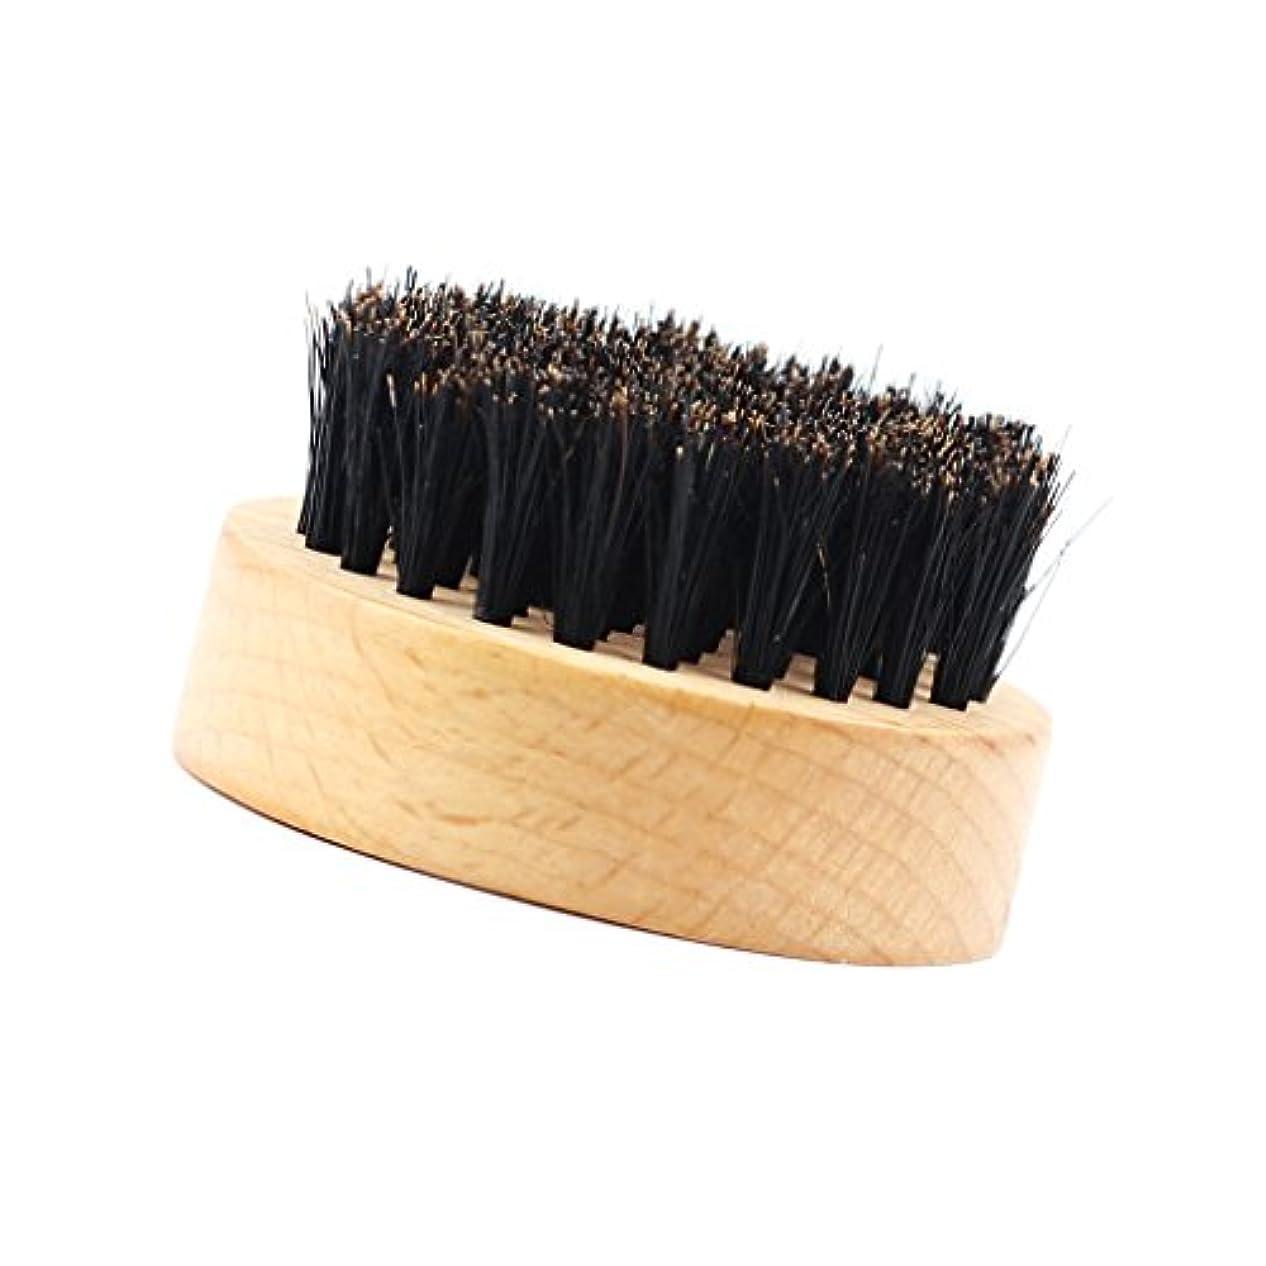 持っている告白するびっくりしたBaosity 髭ブラシ ひげ剃り 豚毛 天然木ハンドル 口ひげケア 2タイプ選べる - #2